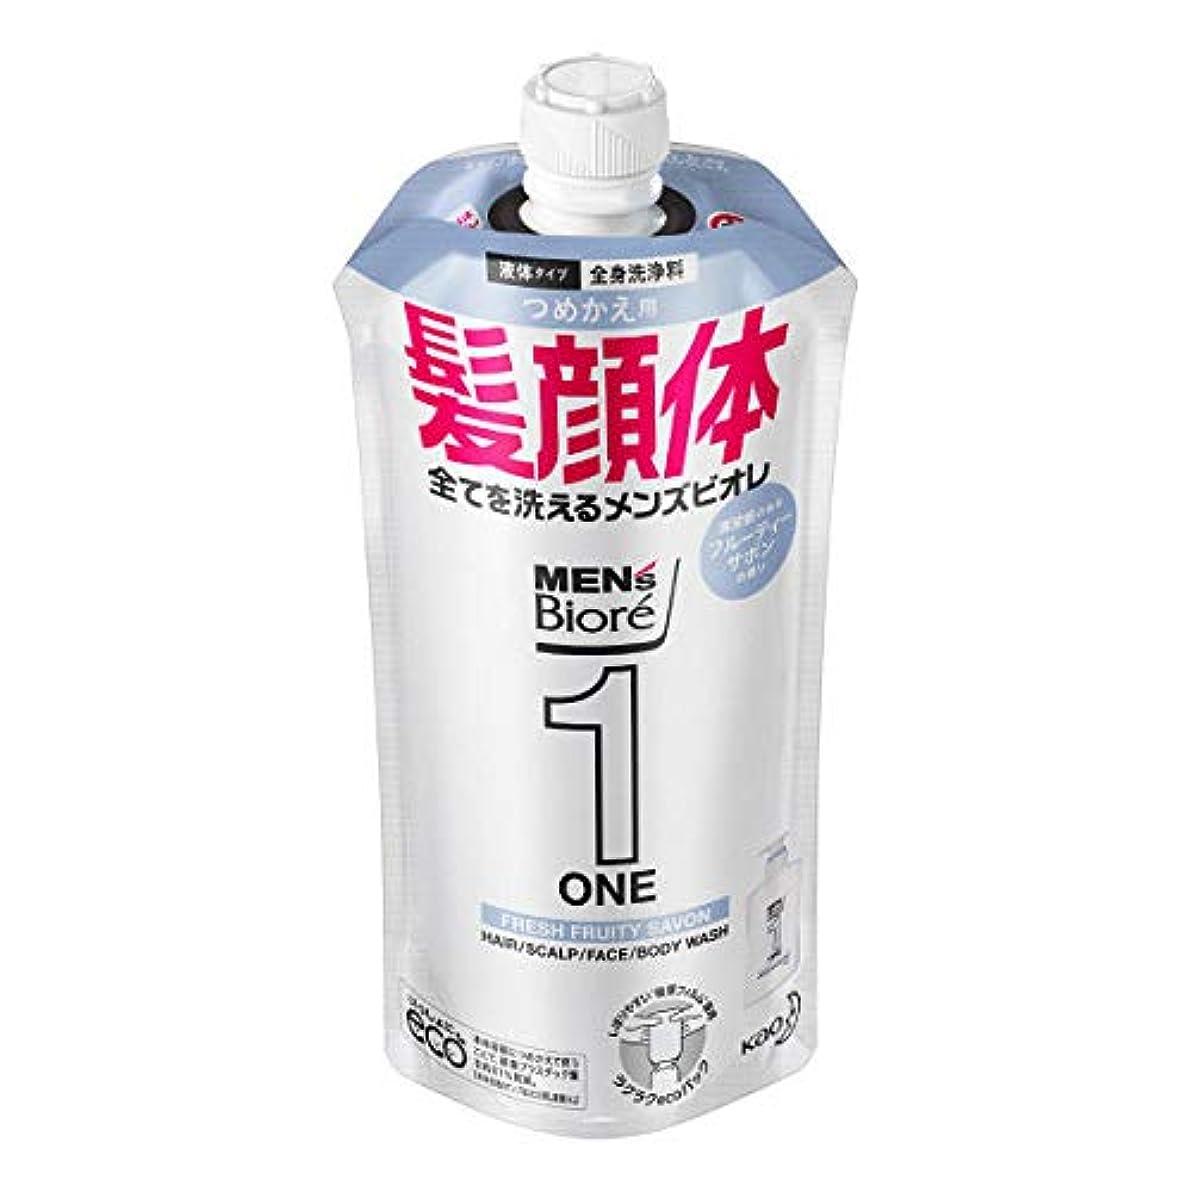 マージン効果的矢メンズビオレONE オールインワン全身洗浄料 清潔感のあるフルーティーサボンの香り つめかえ用 340mL